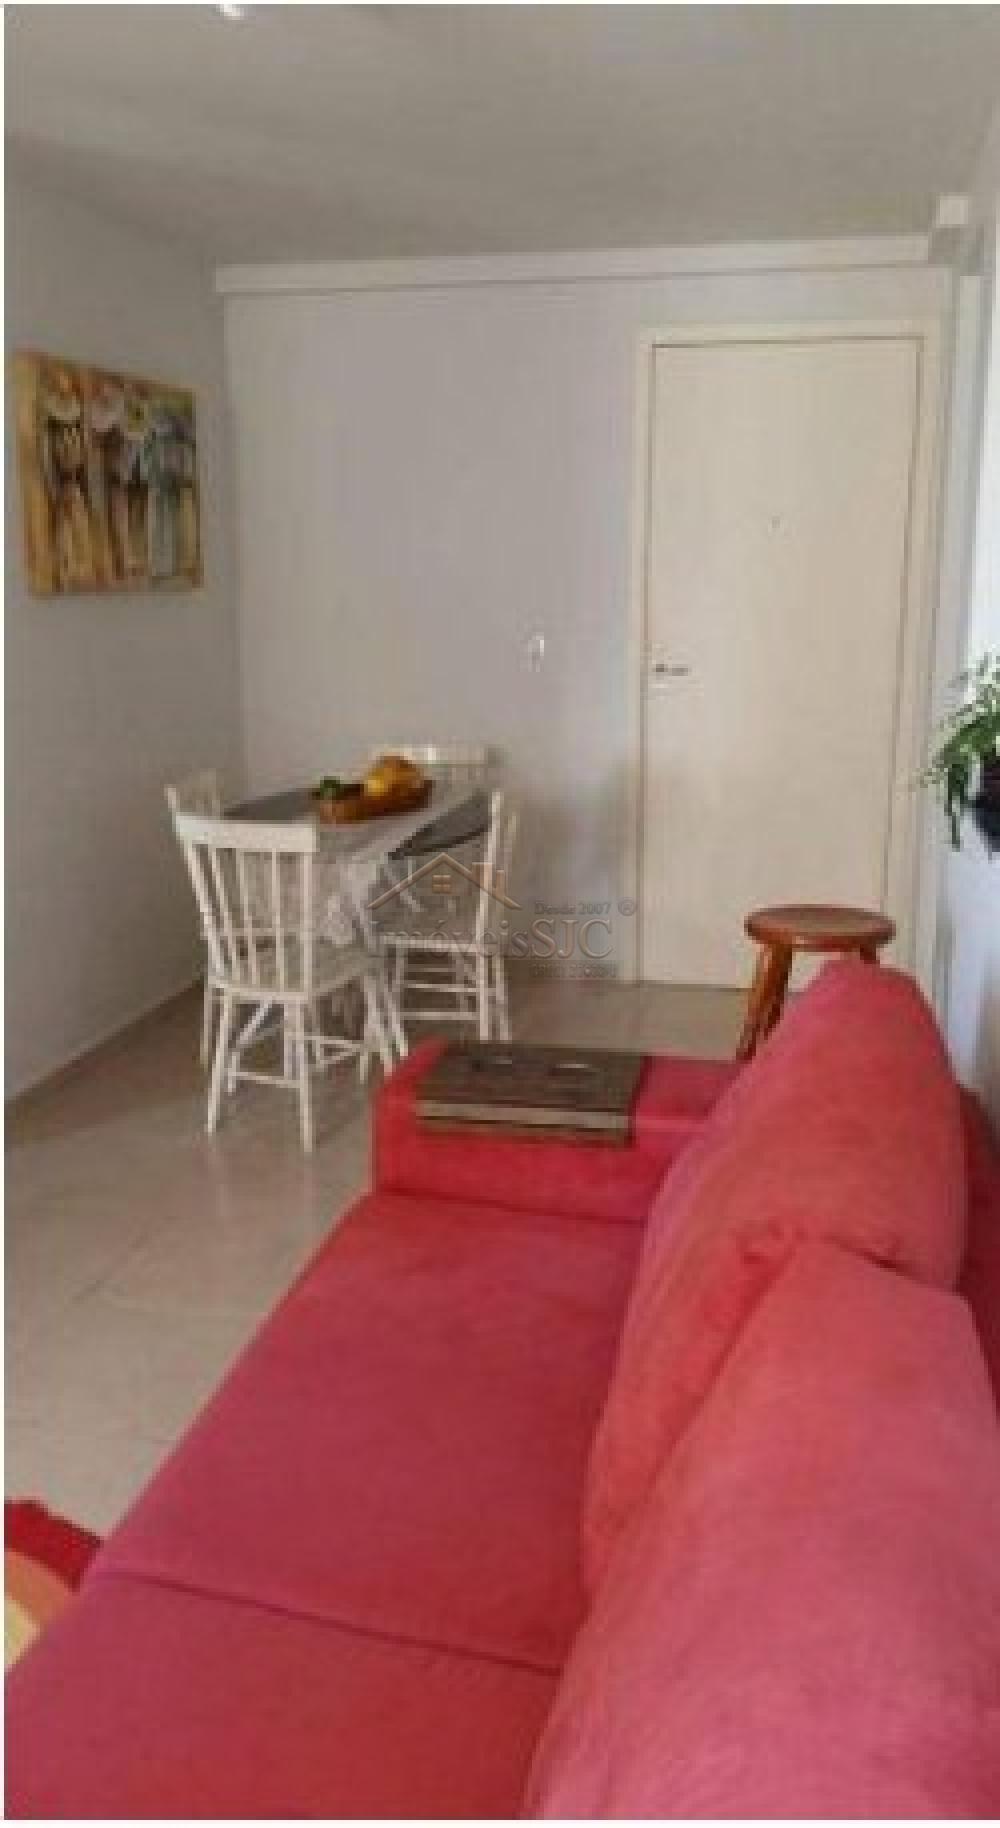 Comprar Apartamentos / Padrão em São José dos Campos apenas R$ 200.000,00 - Foto 1